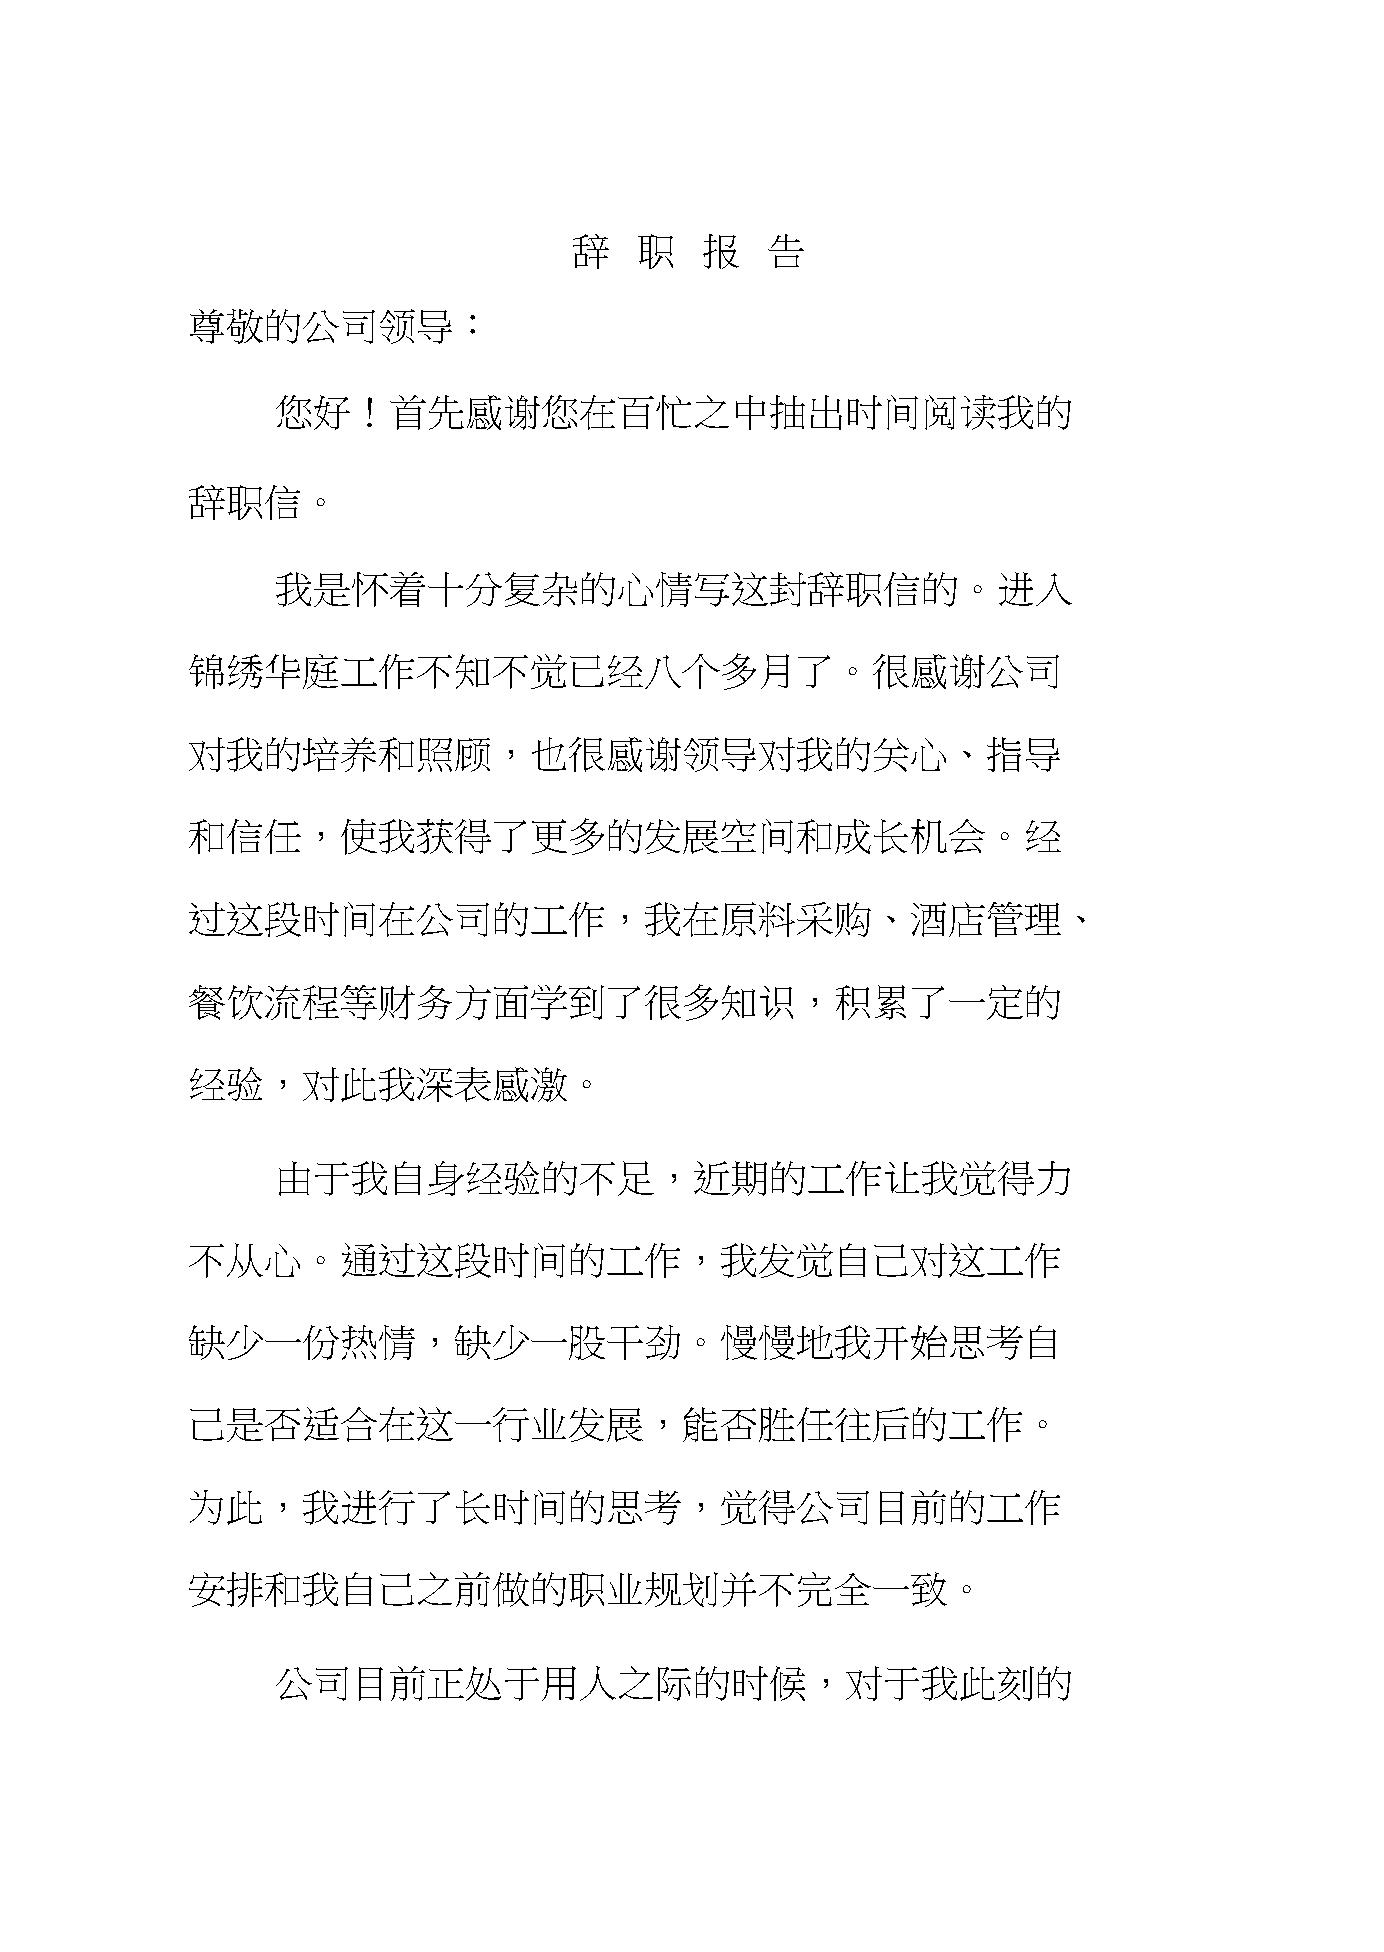 2020版财务人员辞职报告.docx